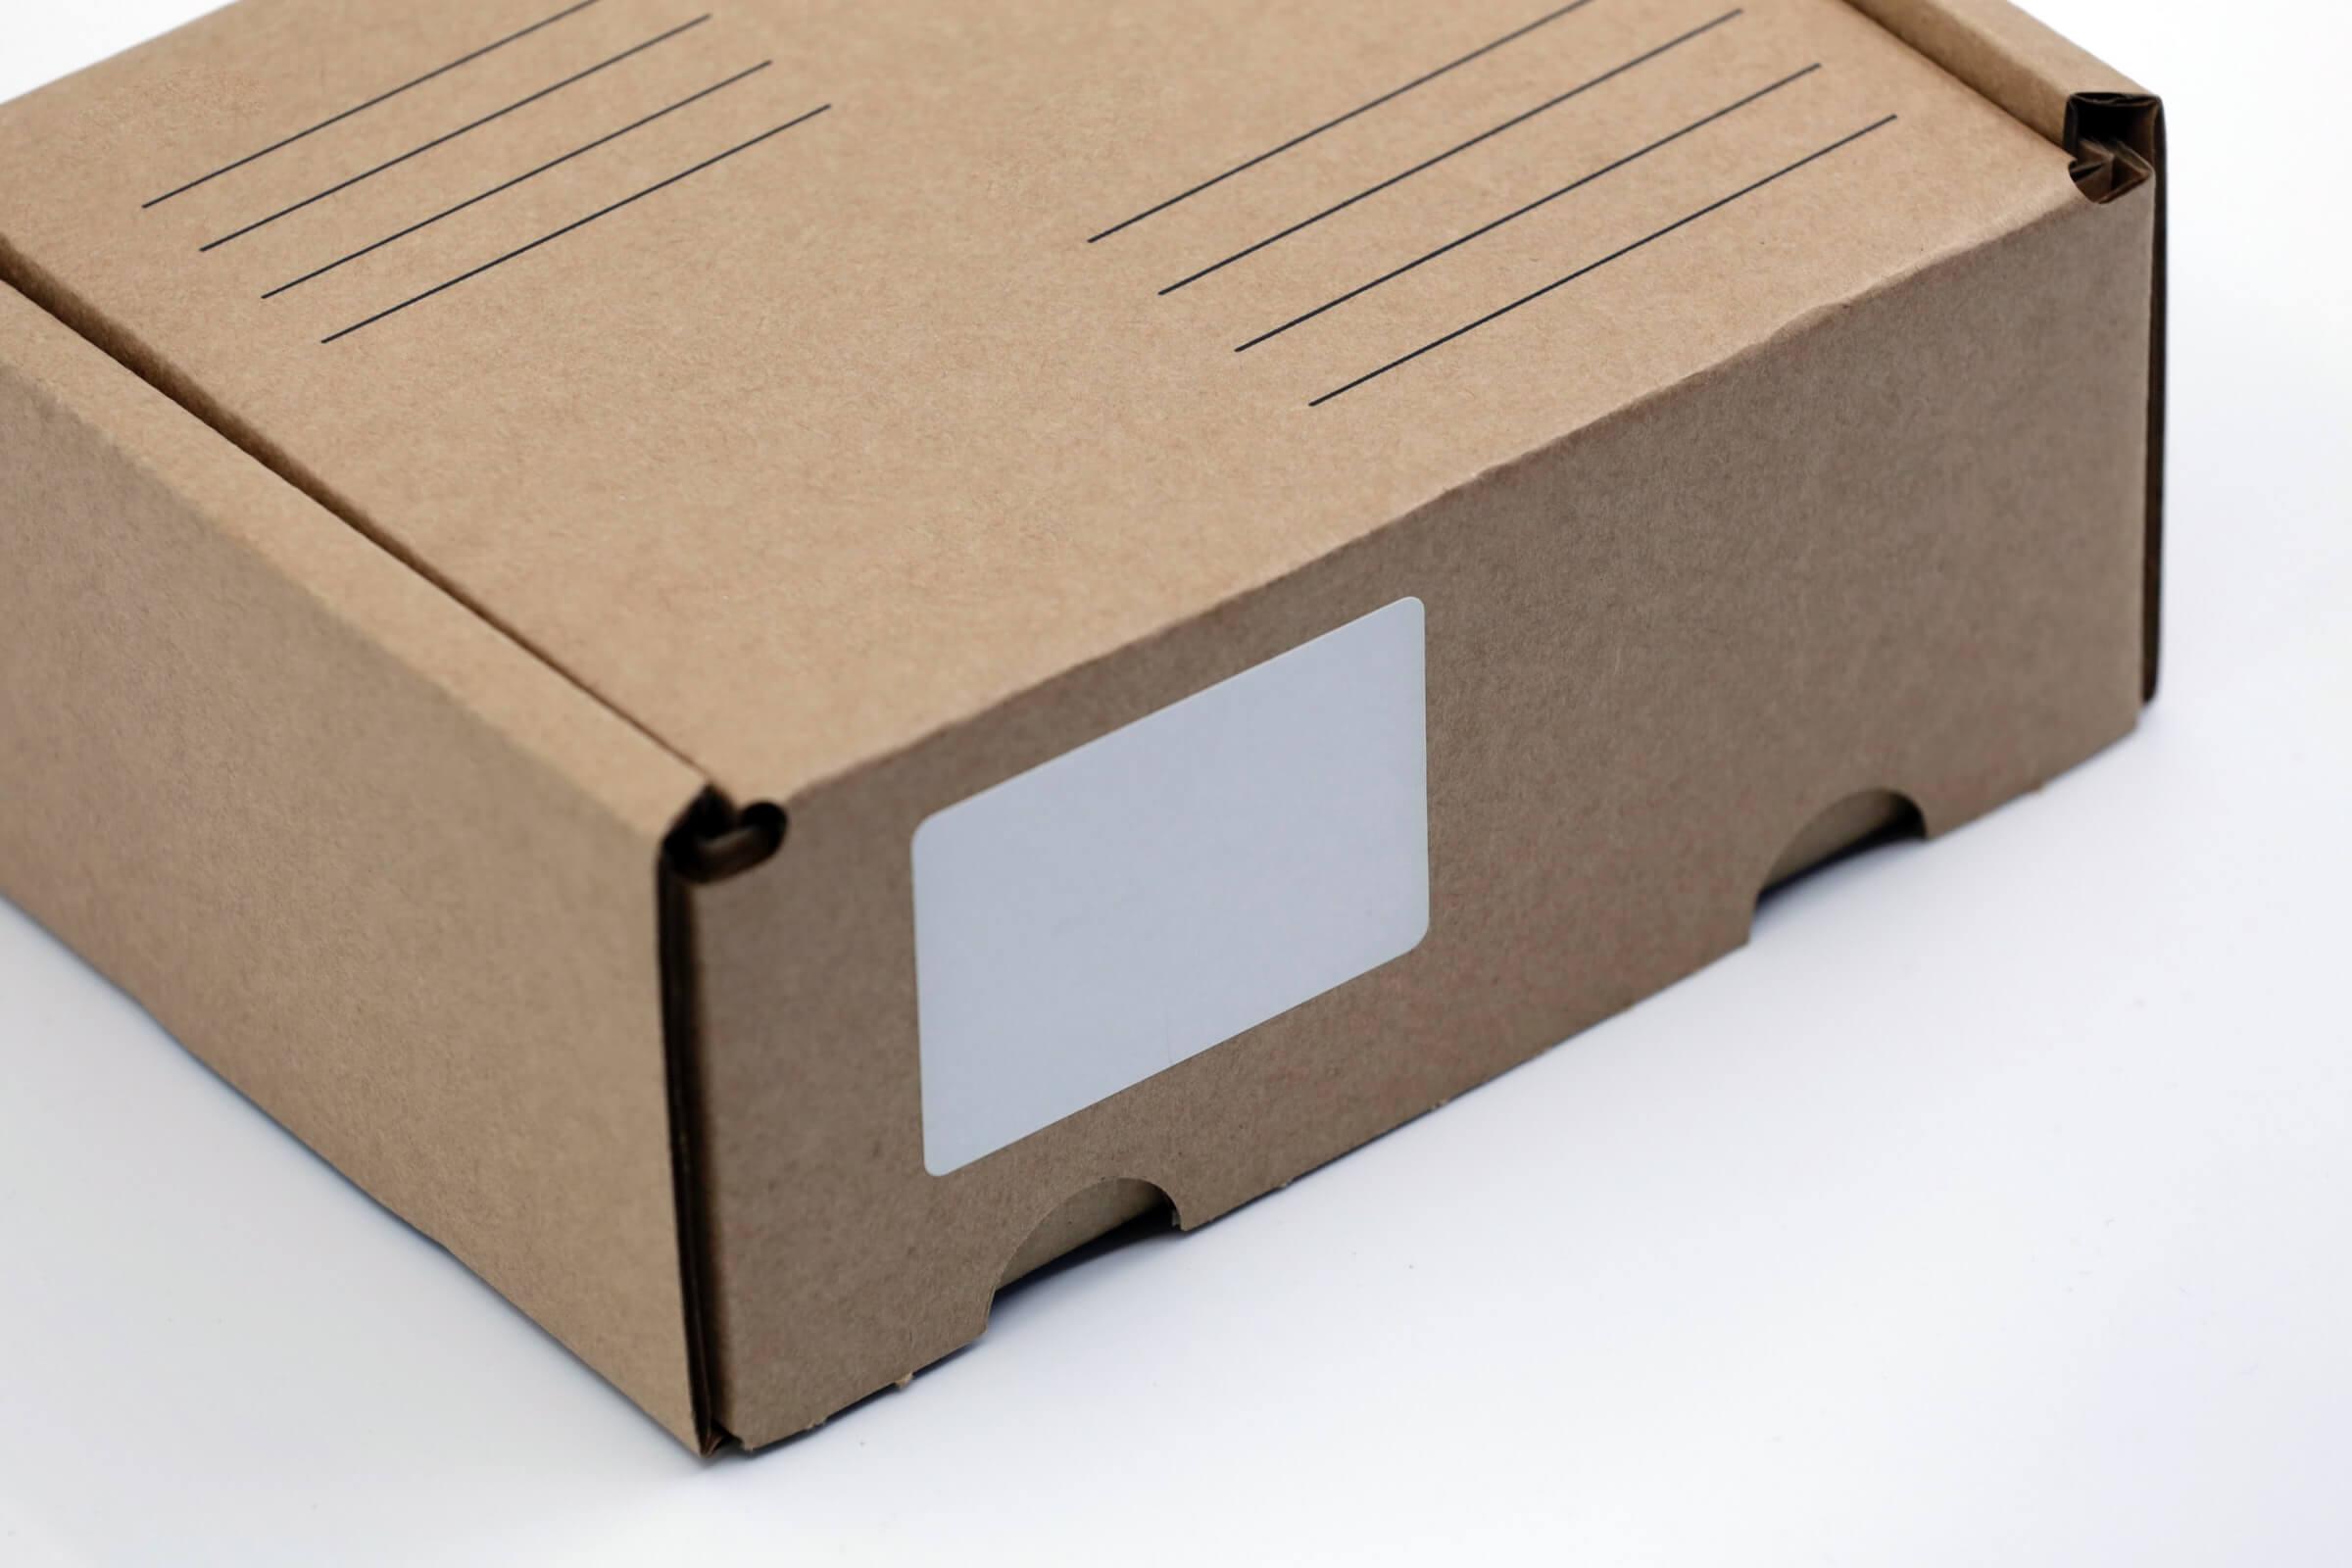 Jak zabezpieczyć swoją przesyłkę?